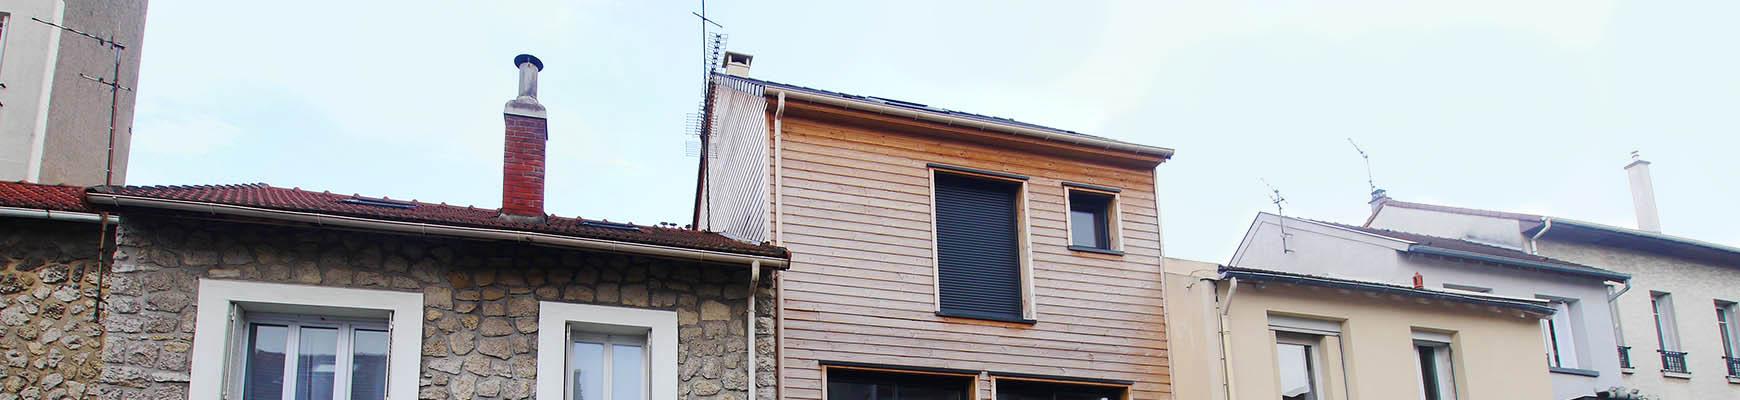 Maison de ville en bois dans une zone dense. Malakoff. France-Maisons.idf